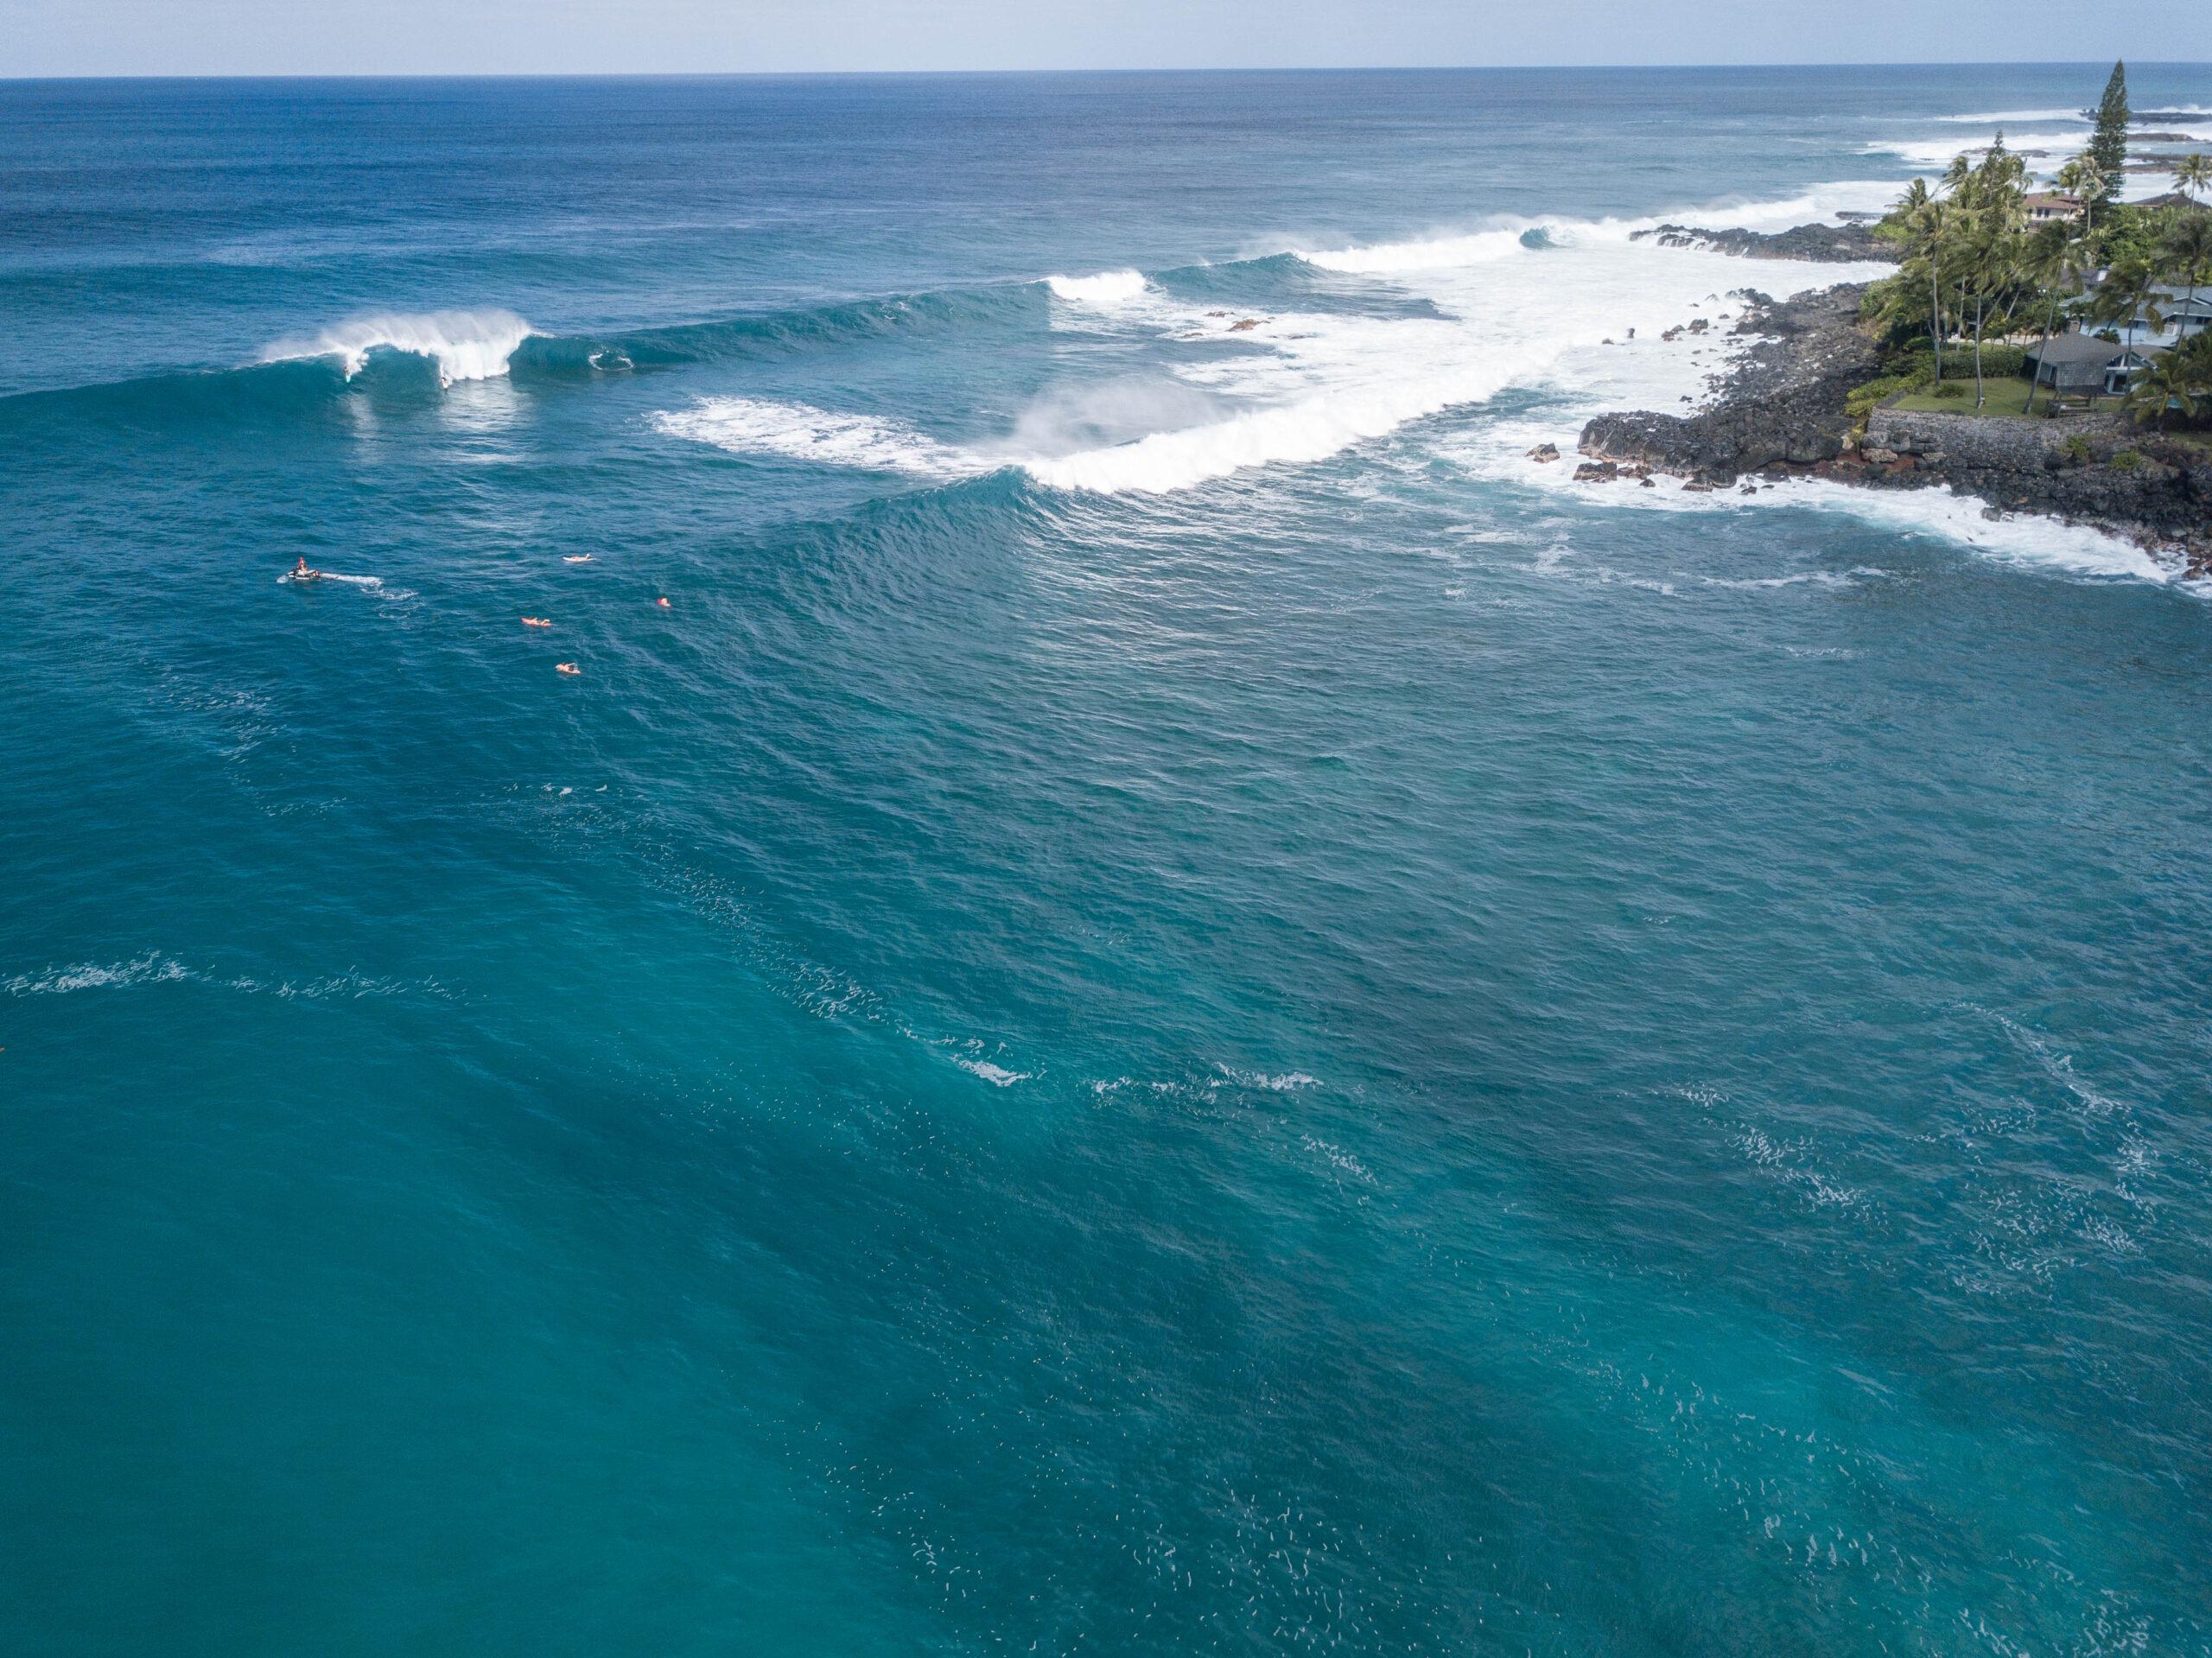 Big wave surfing - Waimea Bay - North Shore Oahu